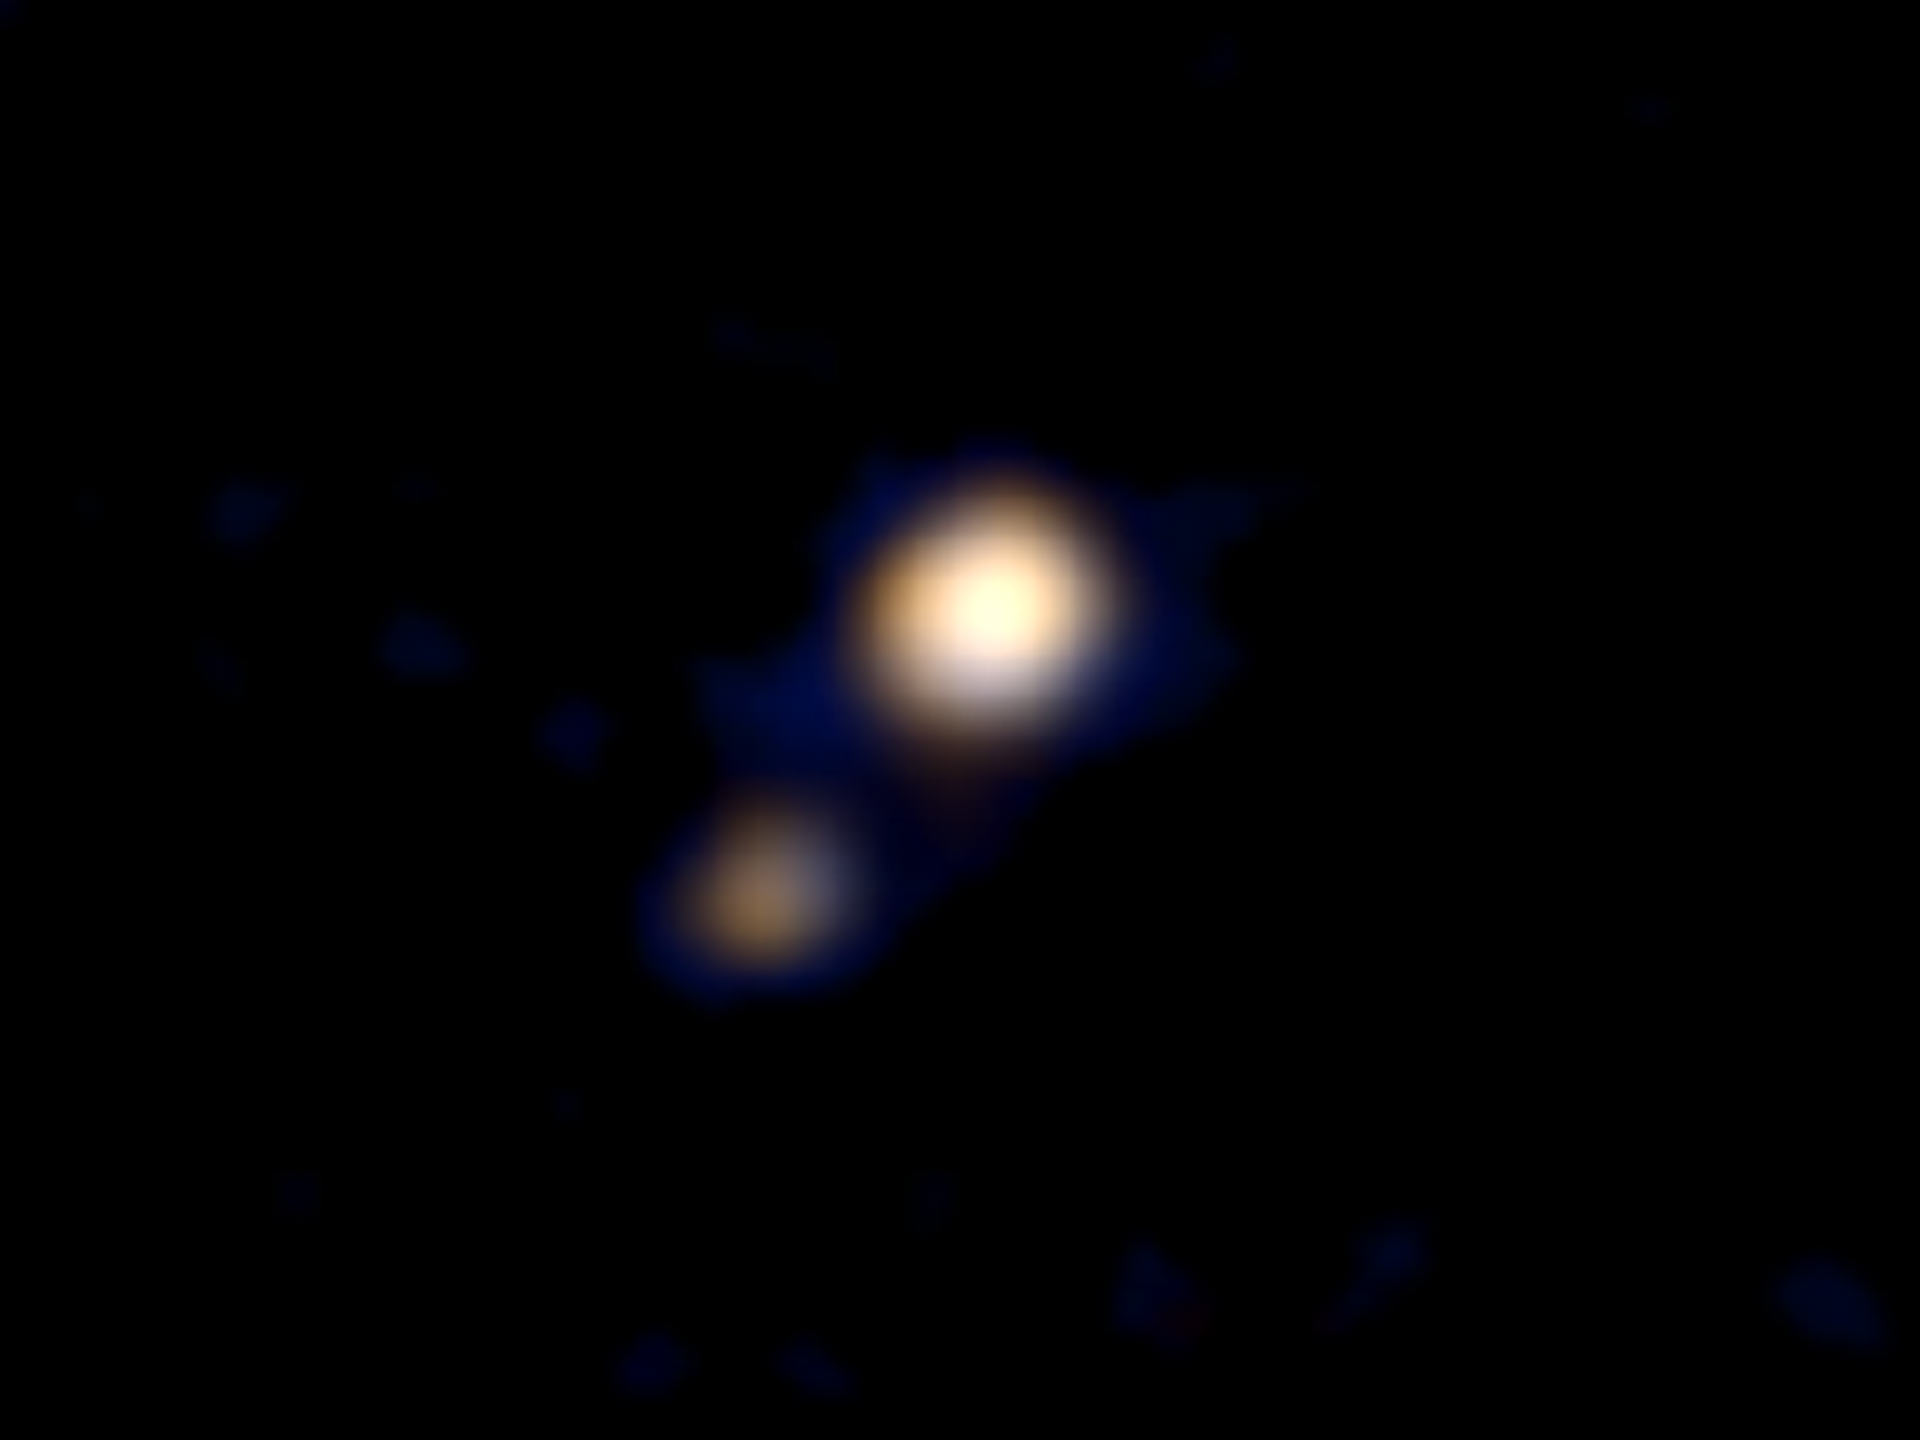 新视野号传回一张冥王星的彩色照片 NASA预计7月可以拍到冥王星表面照片